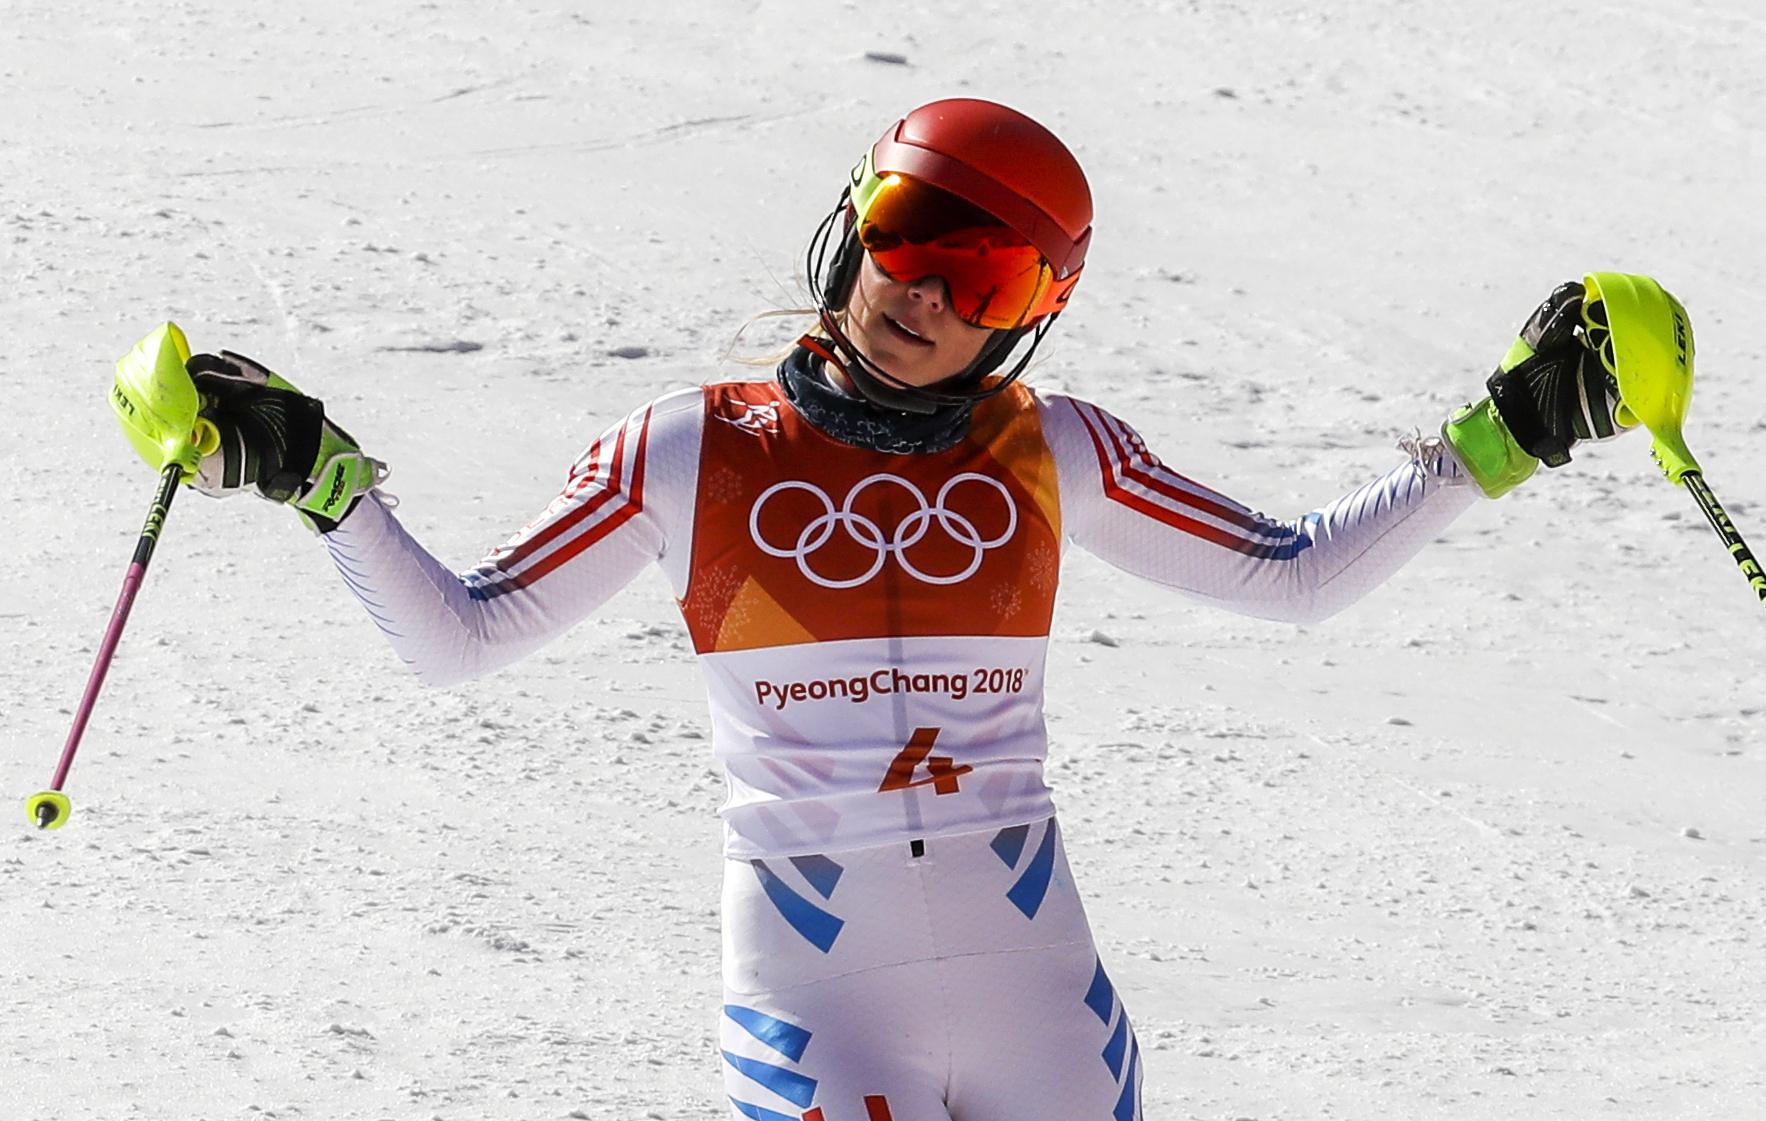 Photo: Mikaela Shiffrin Slalom 2018 Winter Olympics (AP)